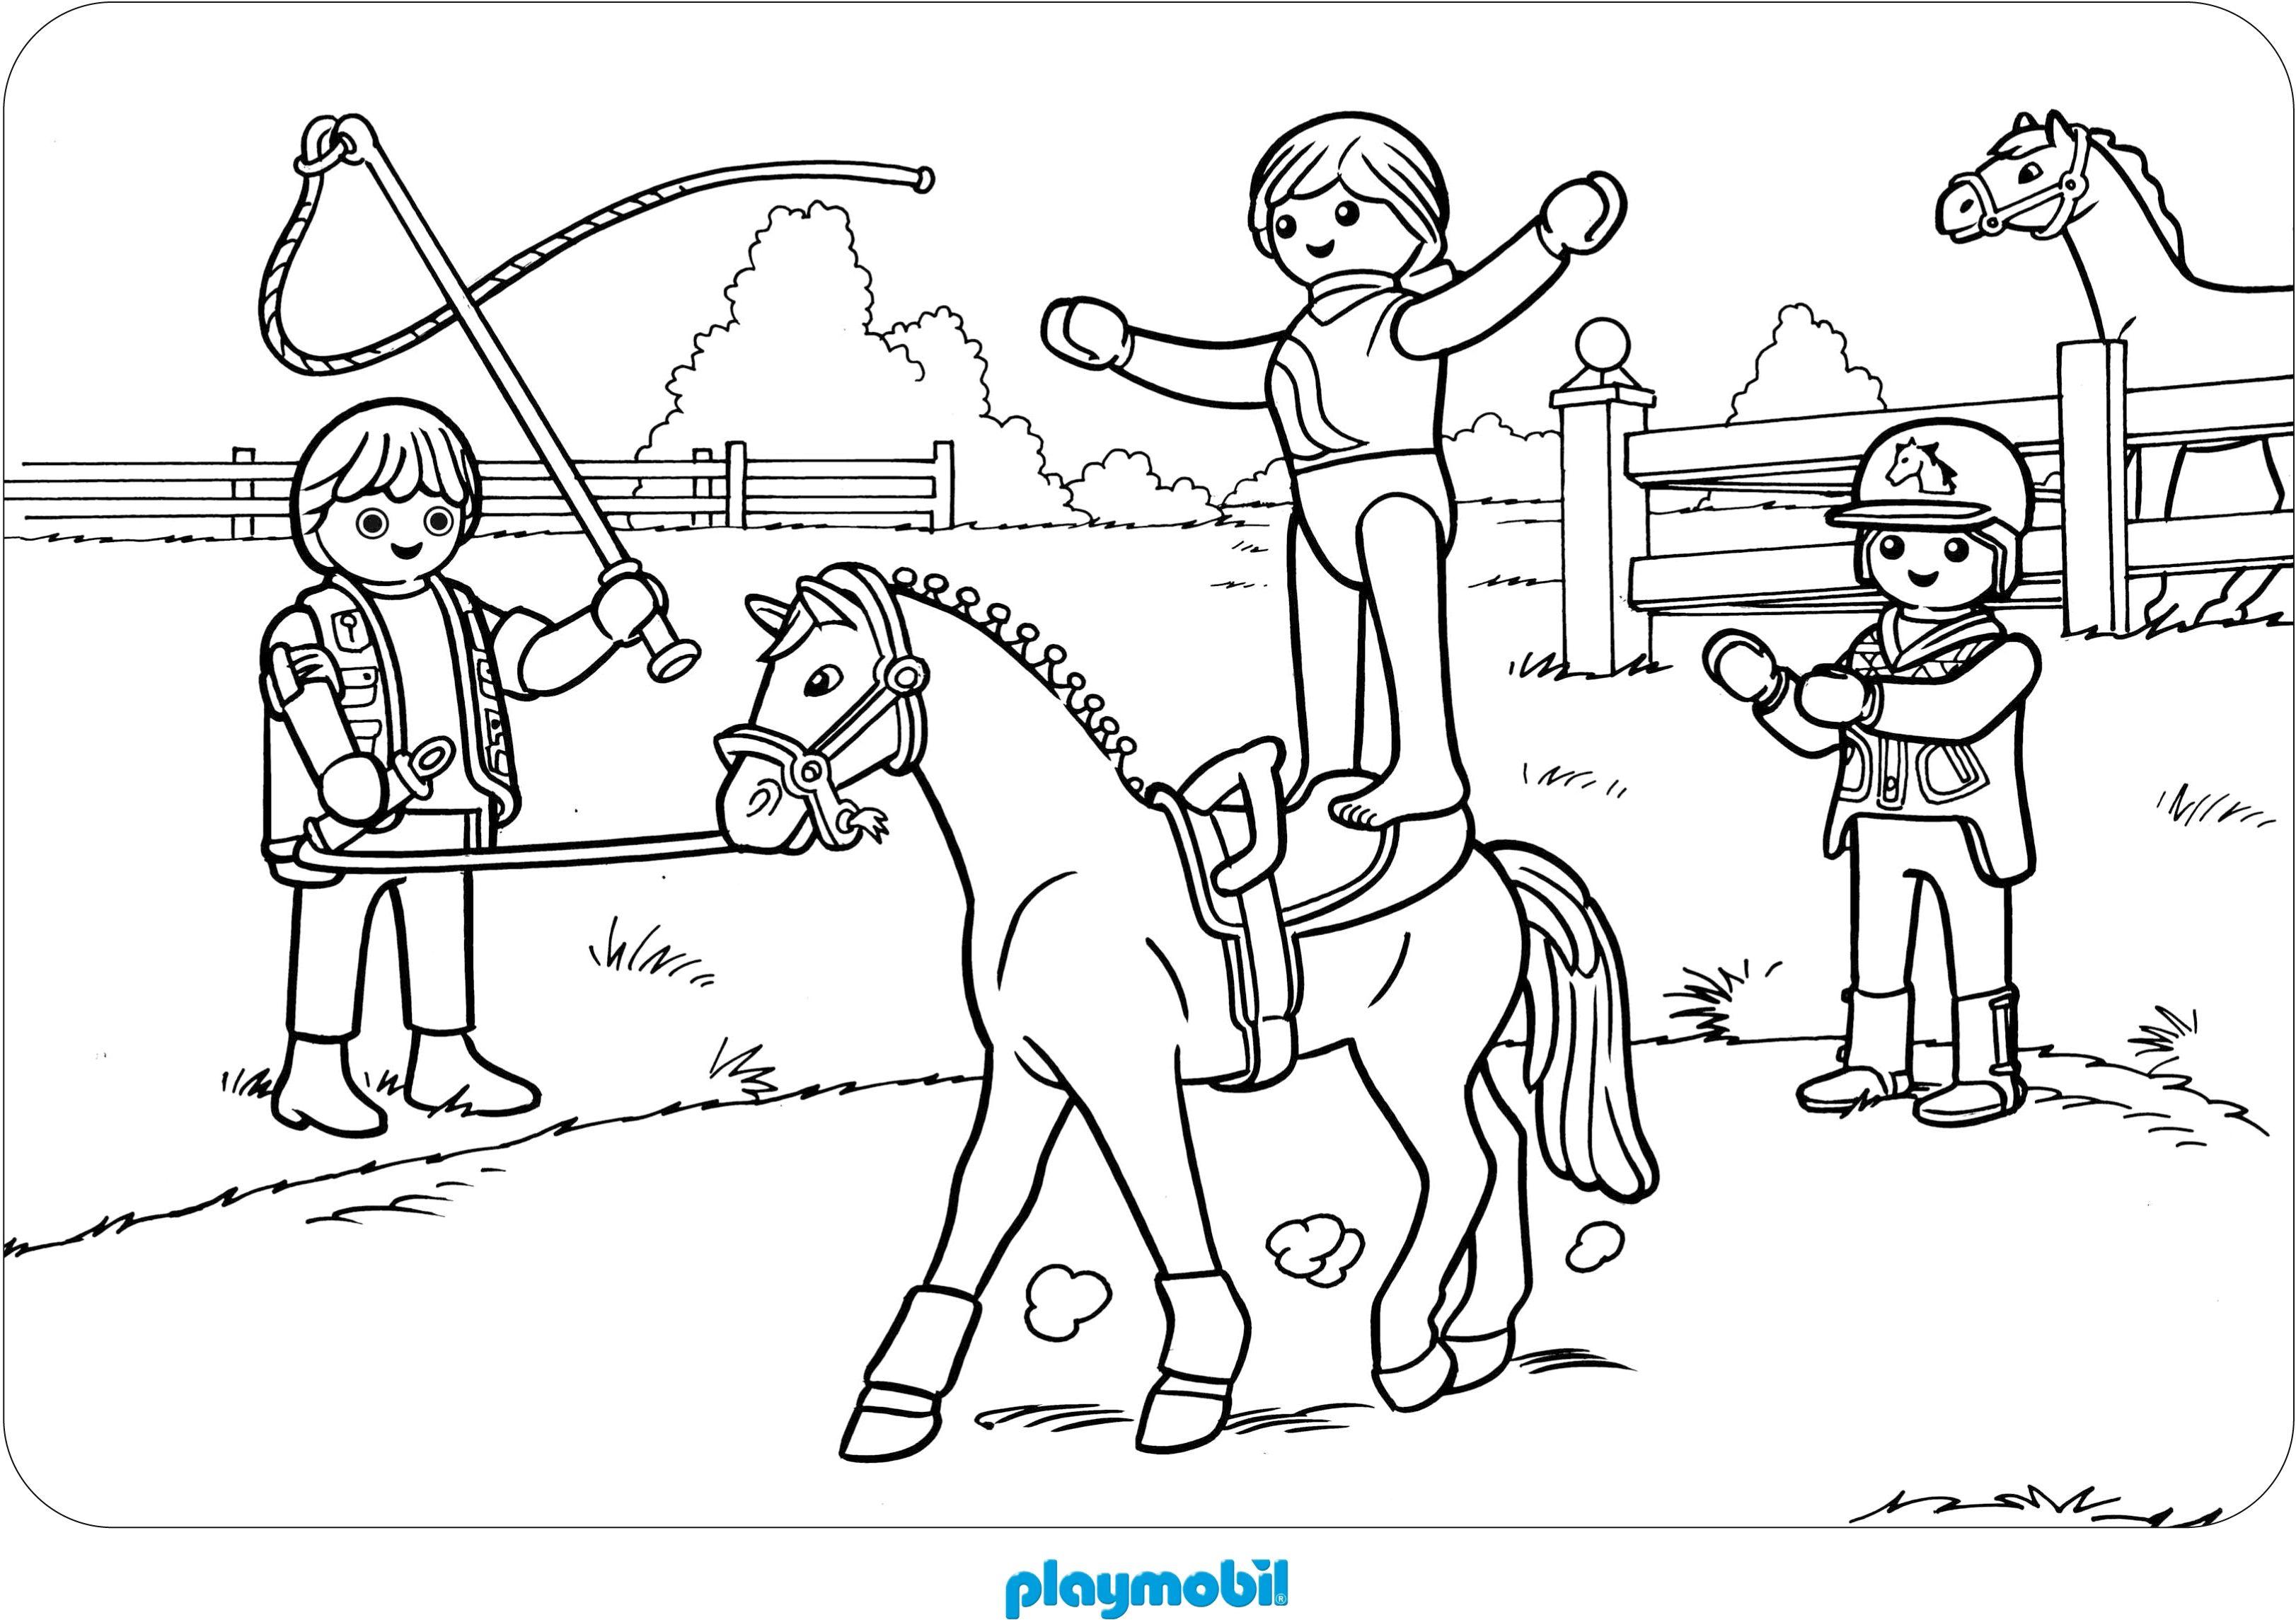 Ausmalbilder playmobil ausmalbild pferd ausmalbilder meerjungfrau ausmalbilder die eiskonigin